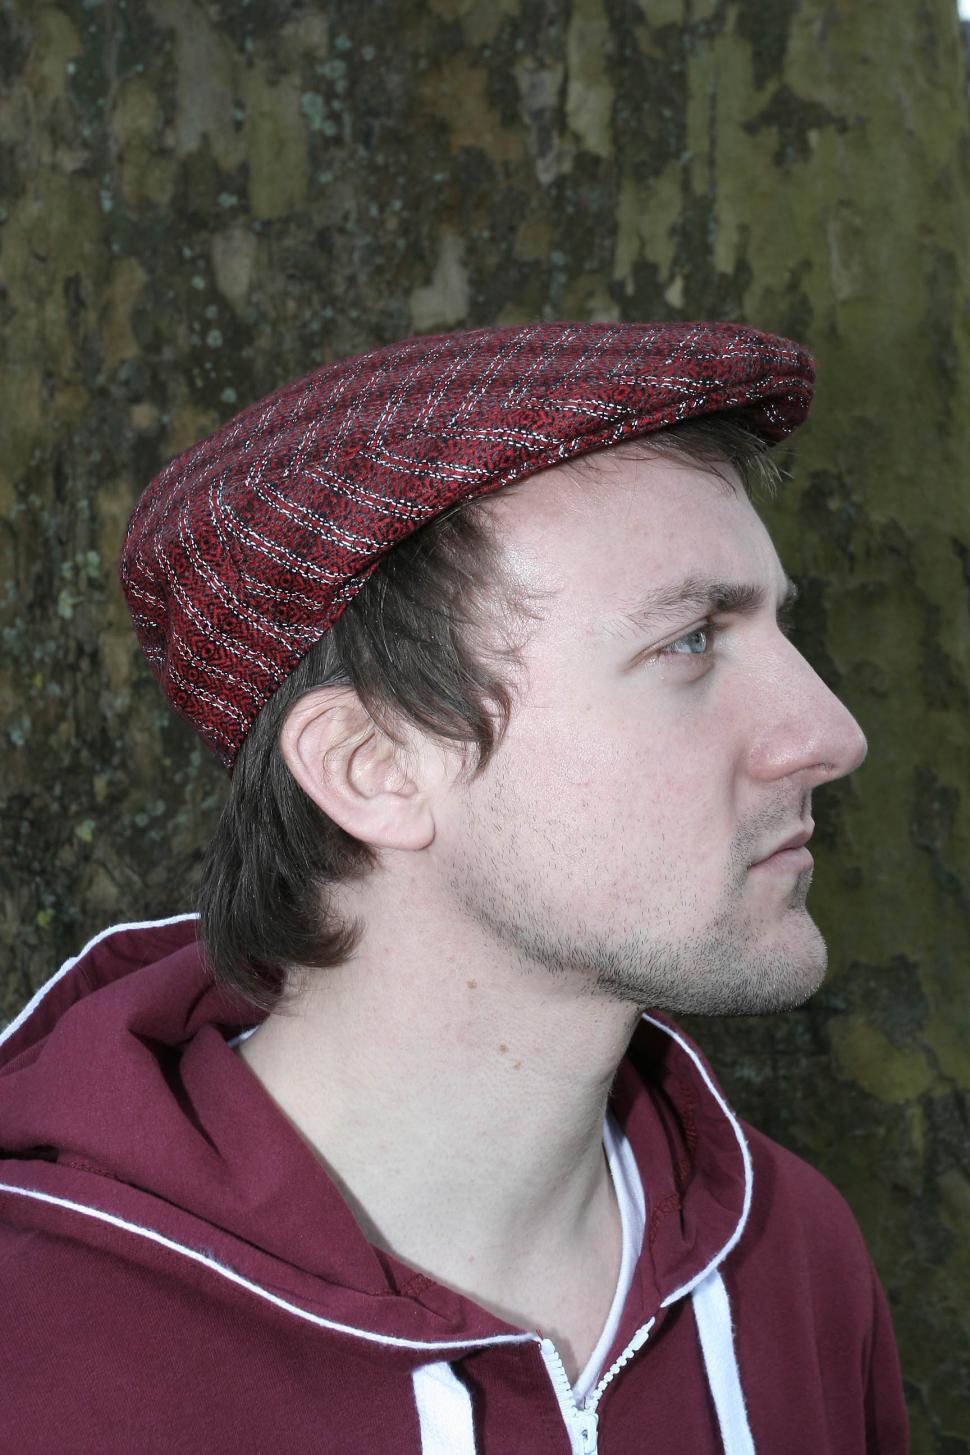 Dashing Tweeds reflective cap - side